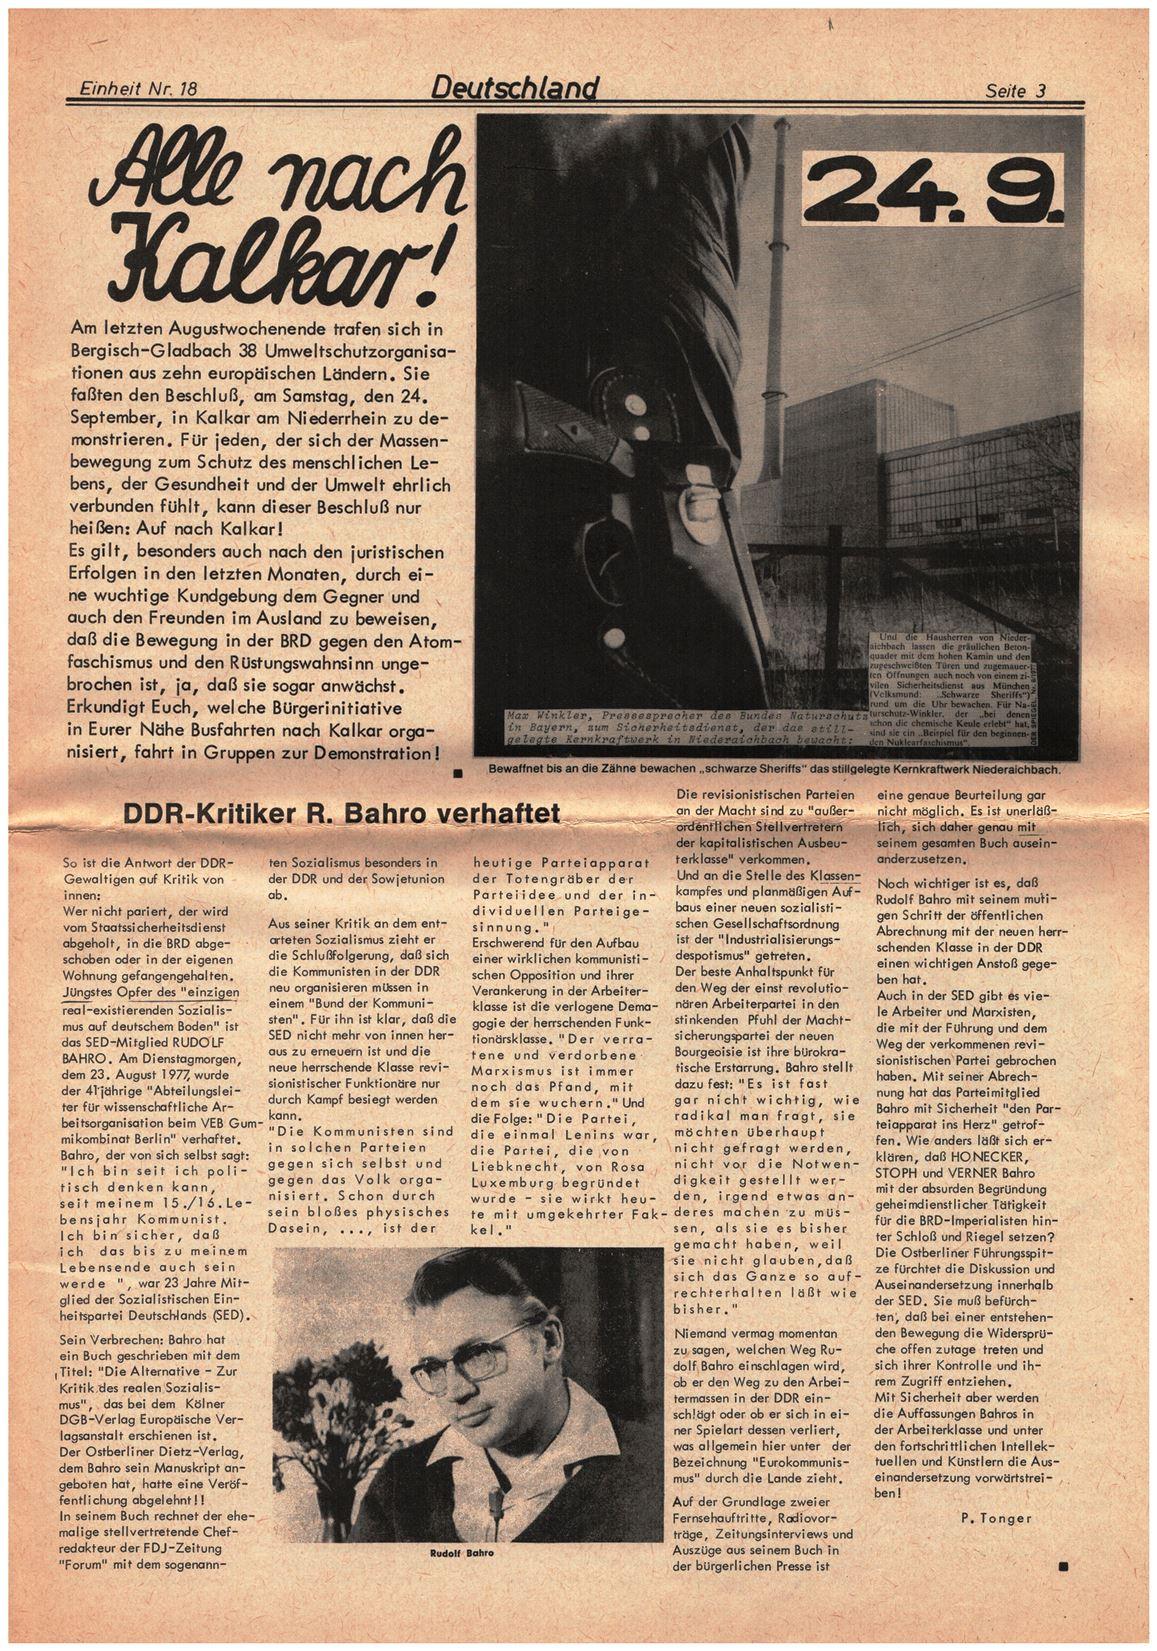 Koeln_IPdA_Einheit_1977_018_003